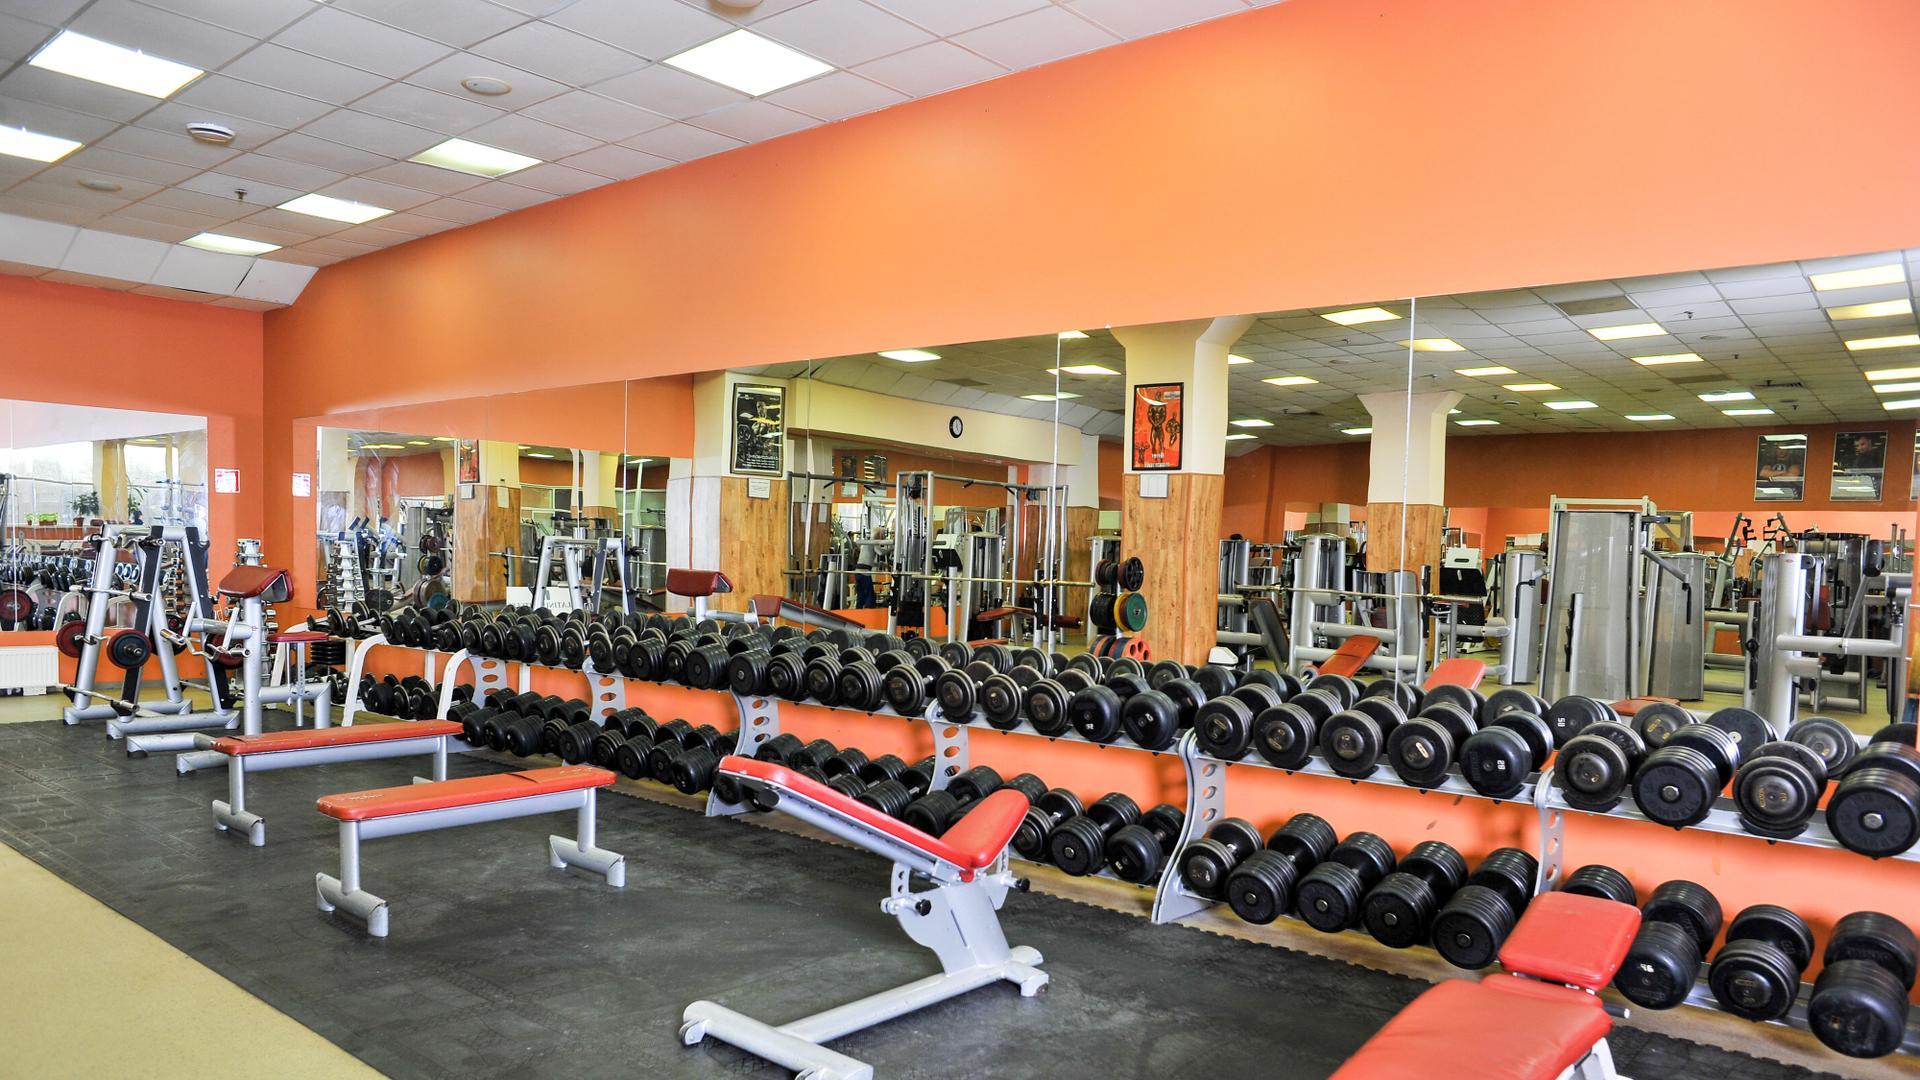 Групповые и индивидуальные занятия по фитнесу, йоге, аэробике и другим видам спорта проводятся в оздоровительных центрах района кузьминки в москве ежедневно.